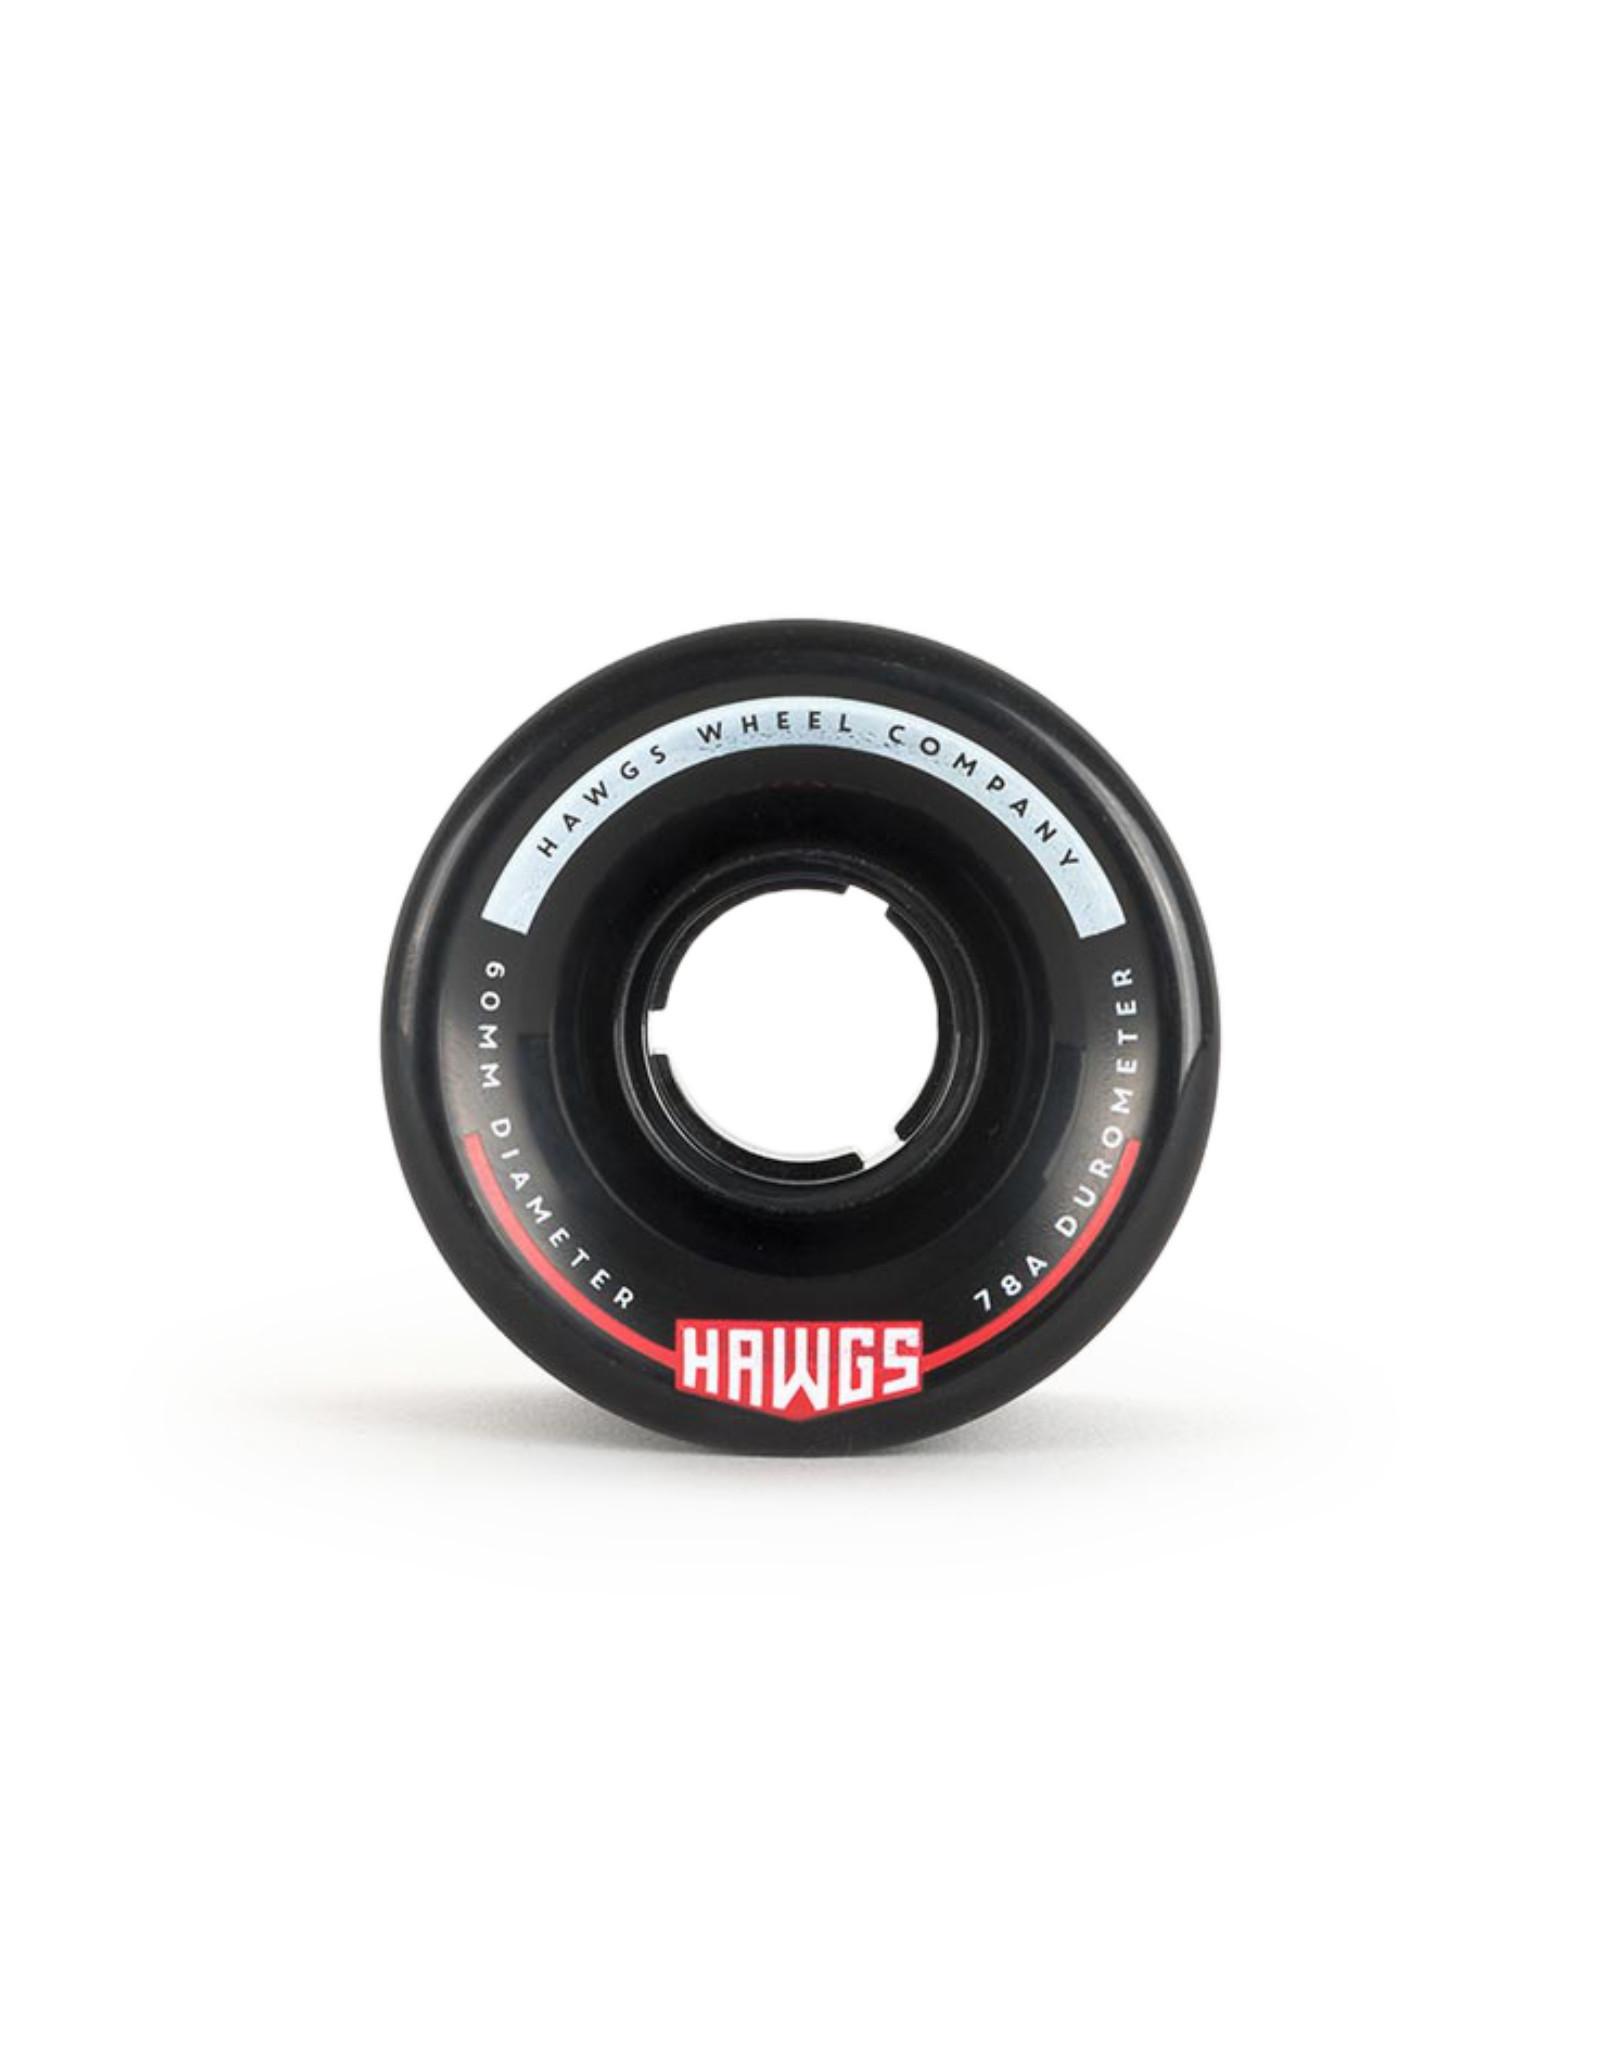 Hawgs Wheels Hawgs Chubby Wheels 60 mm 78A Black Set of 4